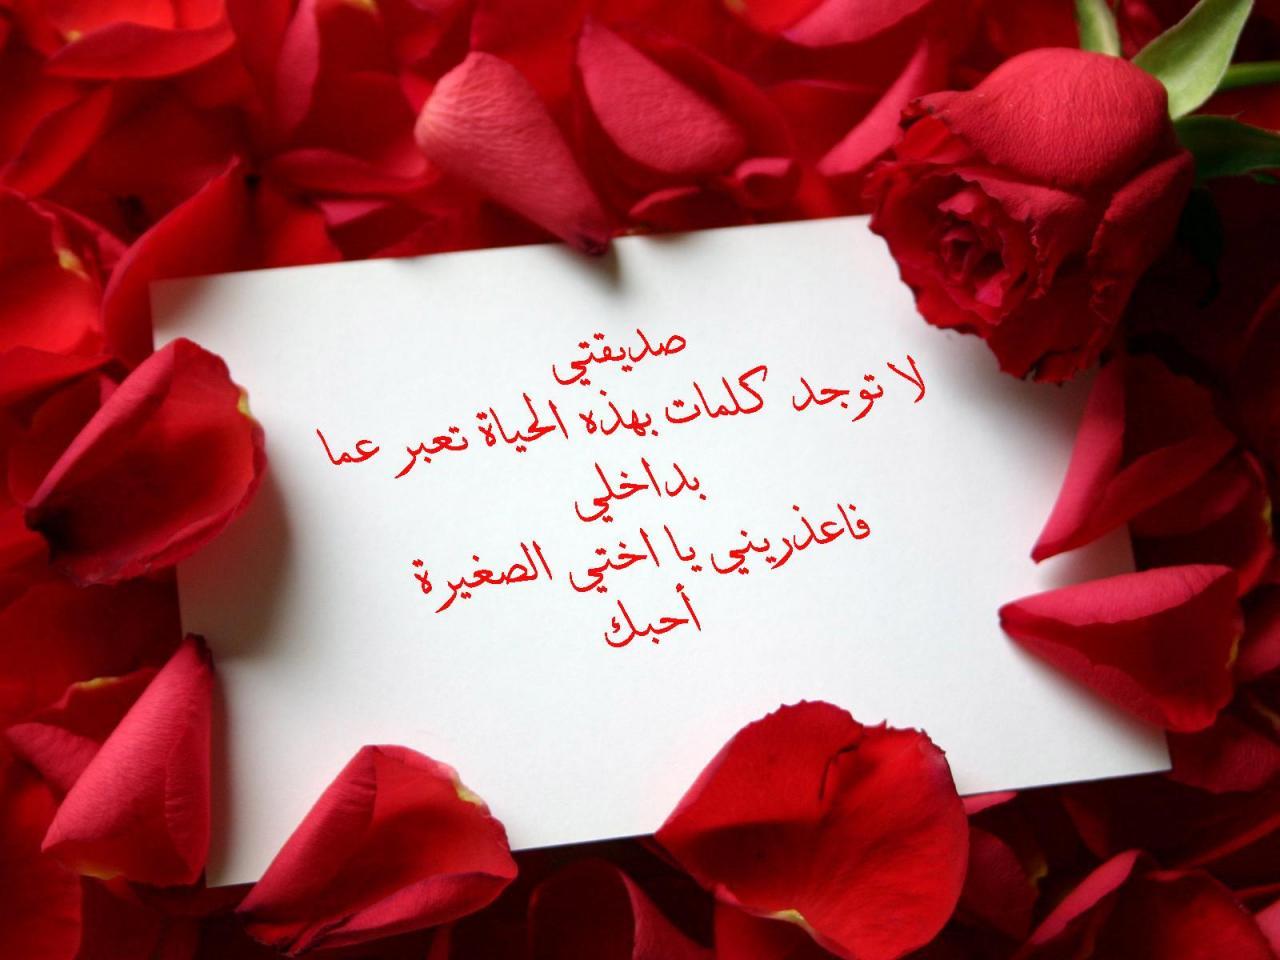 صورة رسالة الى اعز صديقة على قلبي , حبيبتي نعمة من الله 10904 7